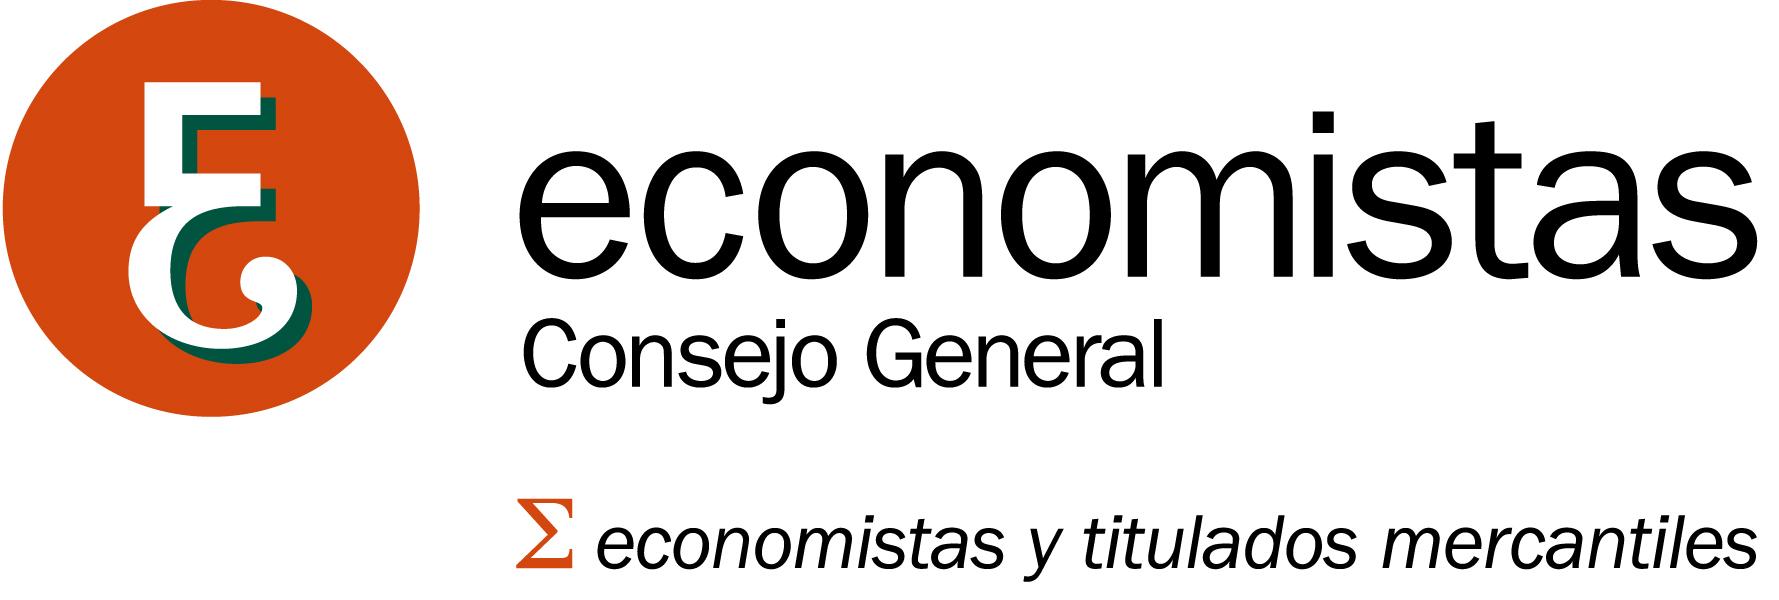 consejo general de ecnomistas